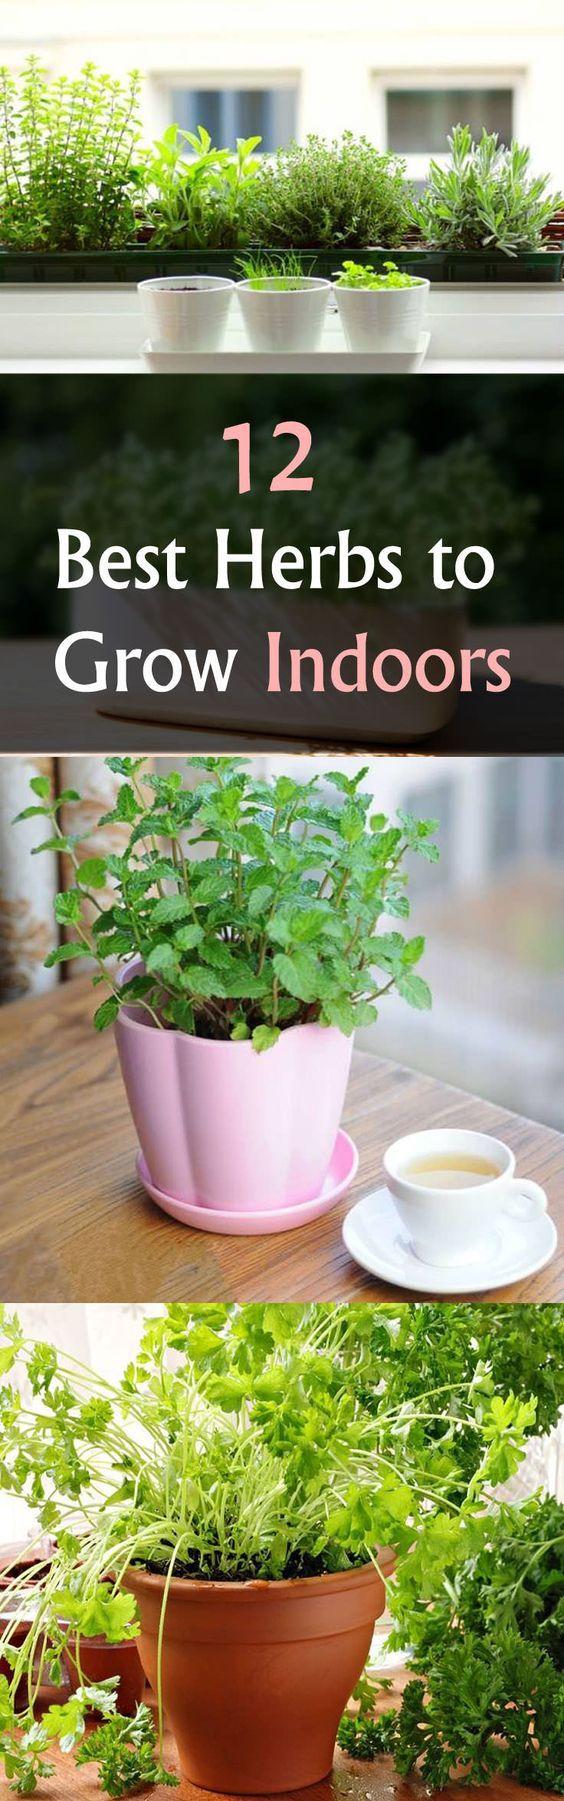 How to Make a Windowsill Herb Garden